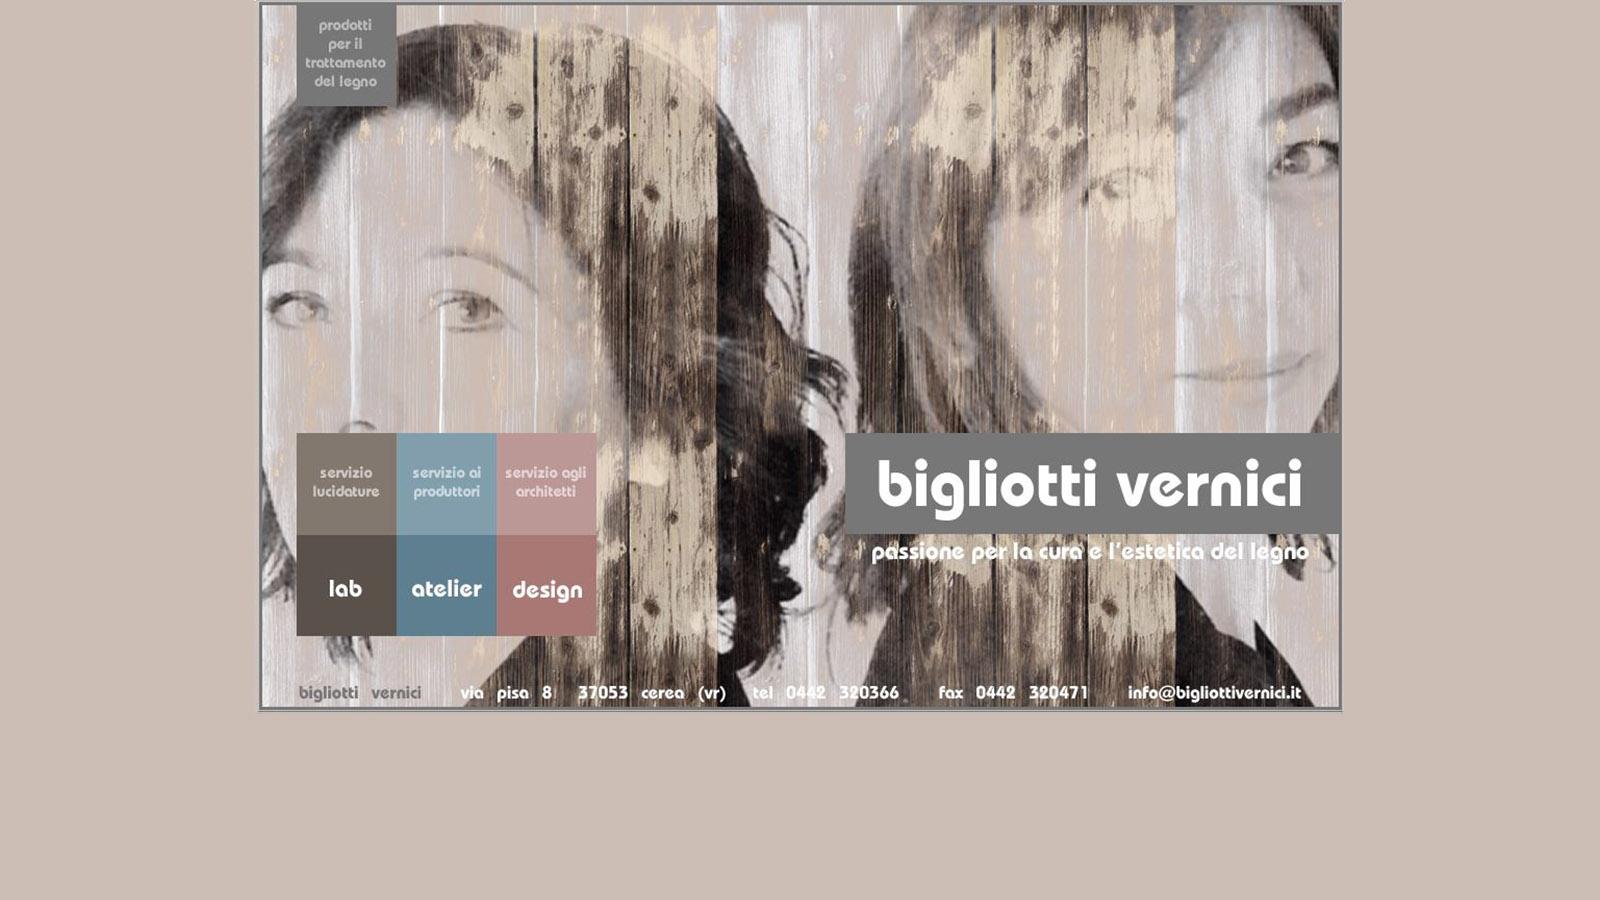 sito-web-bigliotti-vernici-2016-home